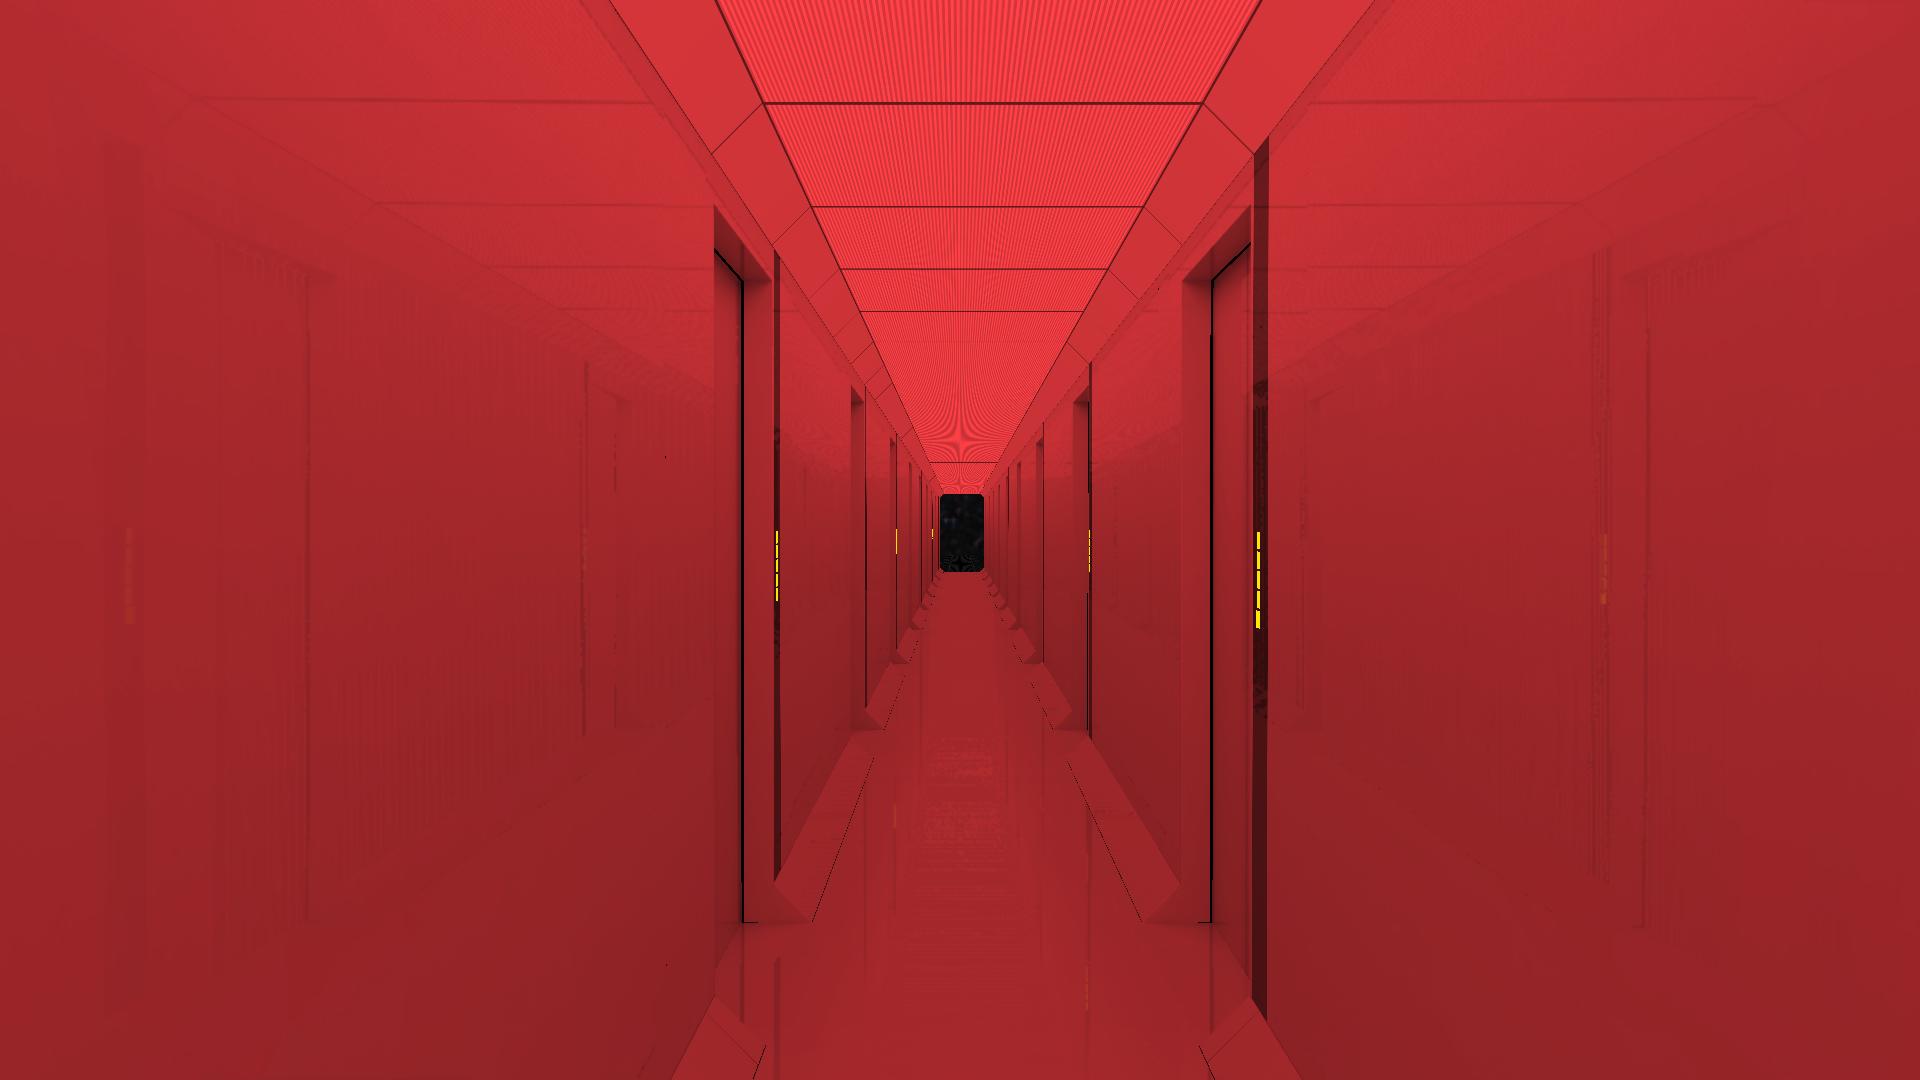 Cine y Arquitectura: corredores de ciencia ficción en 3D, Cortesia de Serafín Álvarez